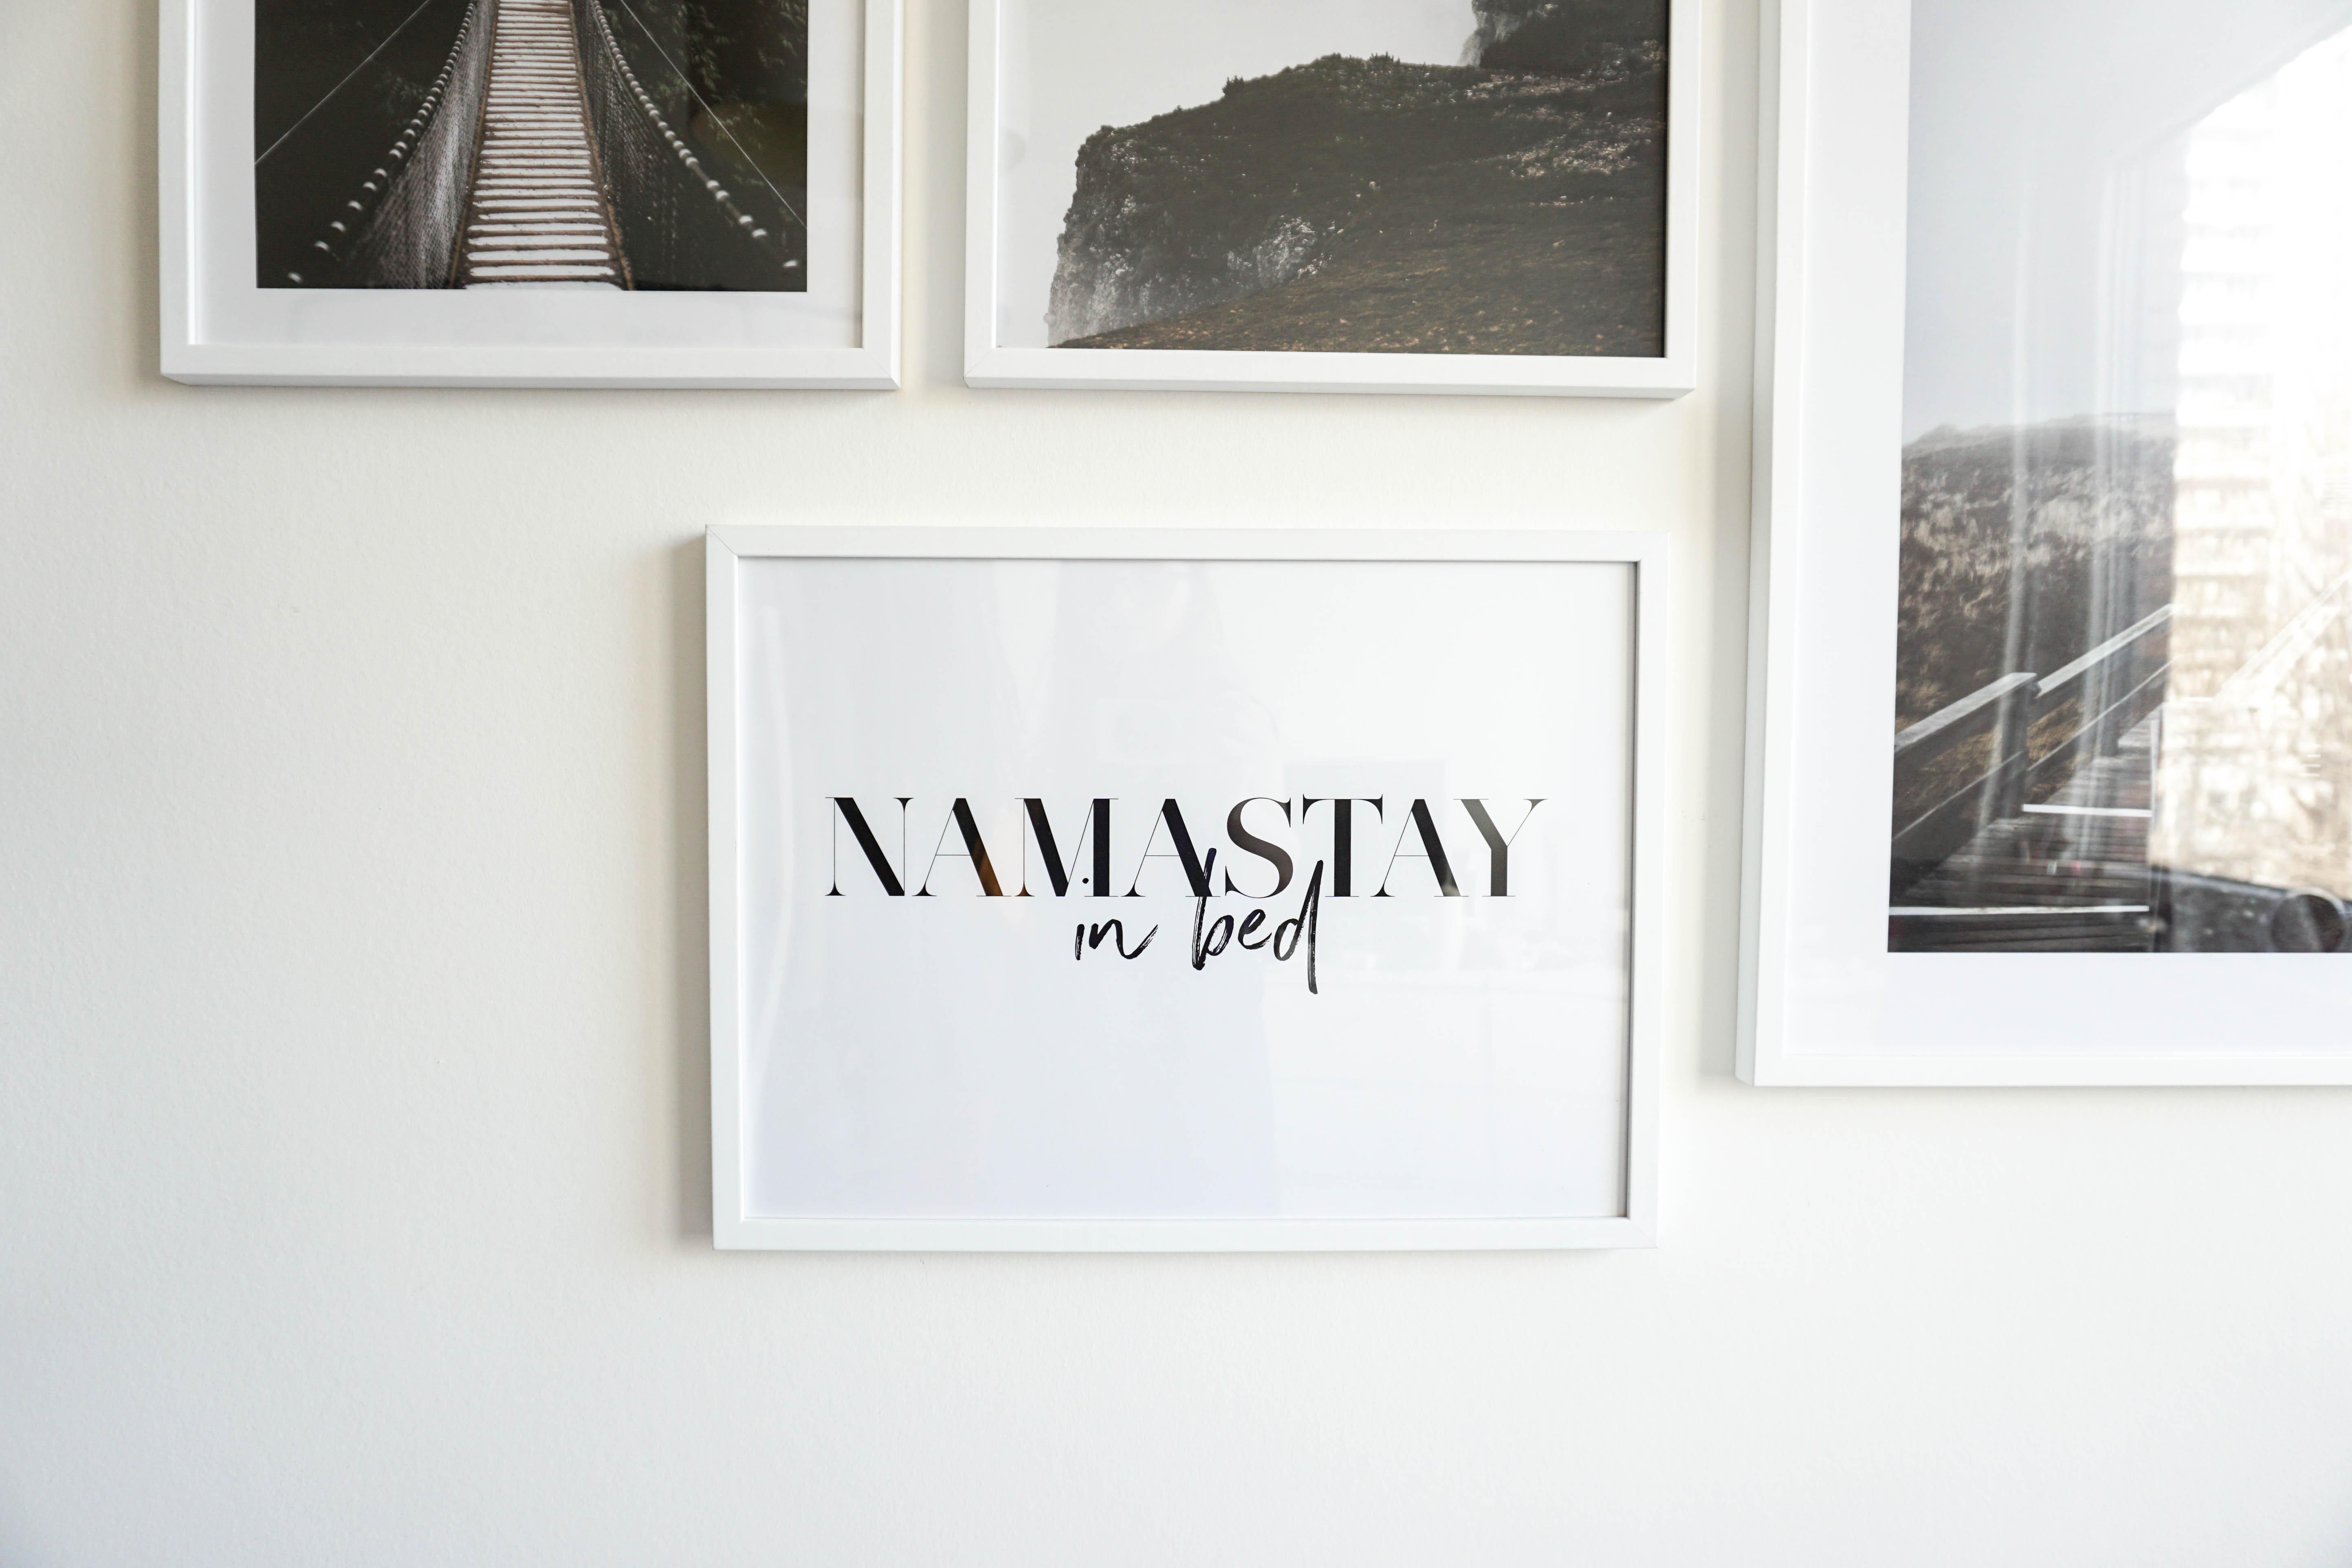 vbilderwand-gestalten-fotowand-ideen-inspiration-diy-schlafzimmer-interior-wohnen-blog